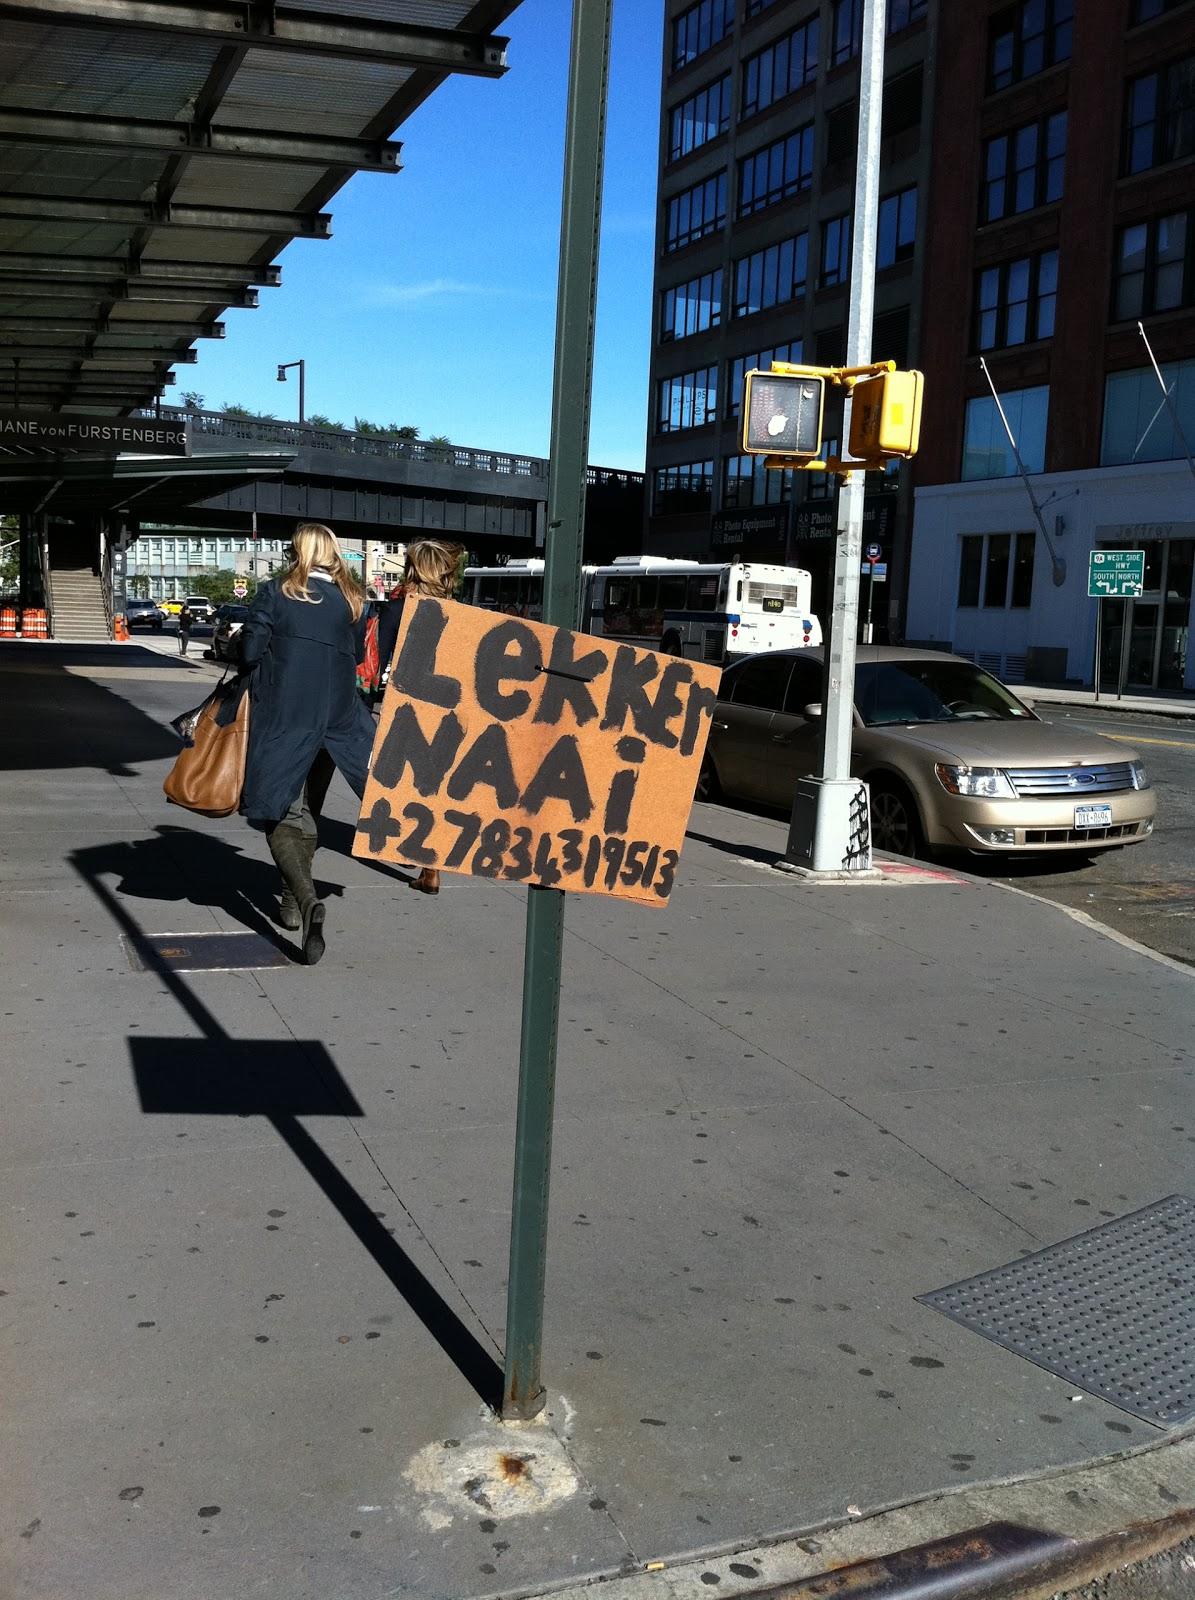 Lekker Naai http://0834319513.blogspot.com/2011/10/lekker-naai